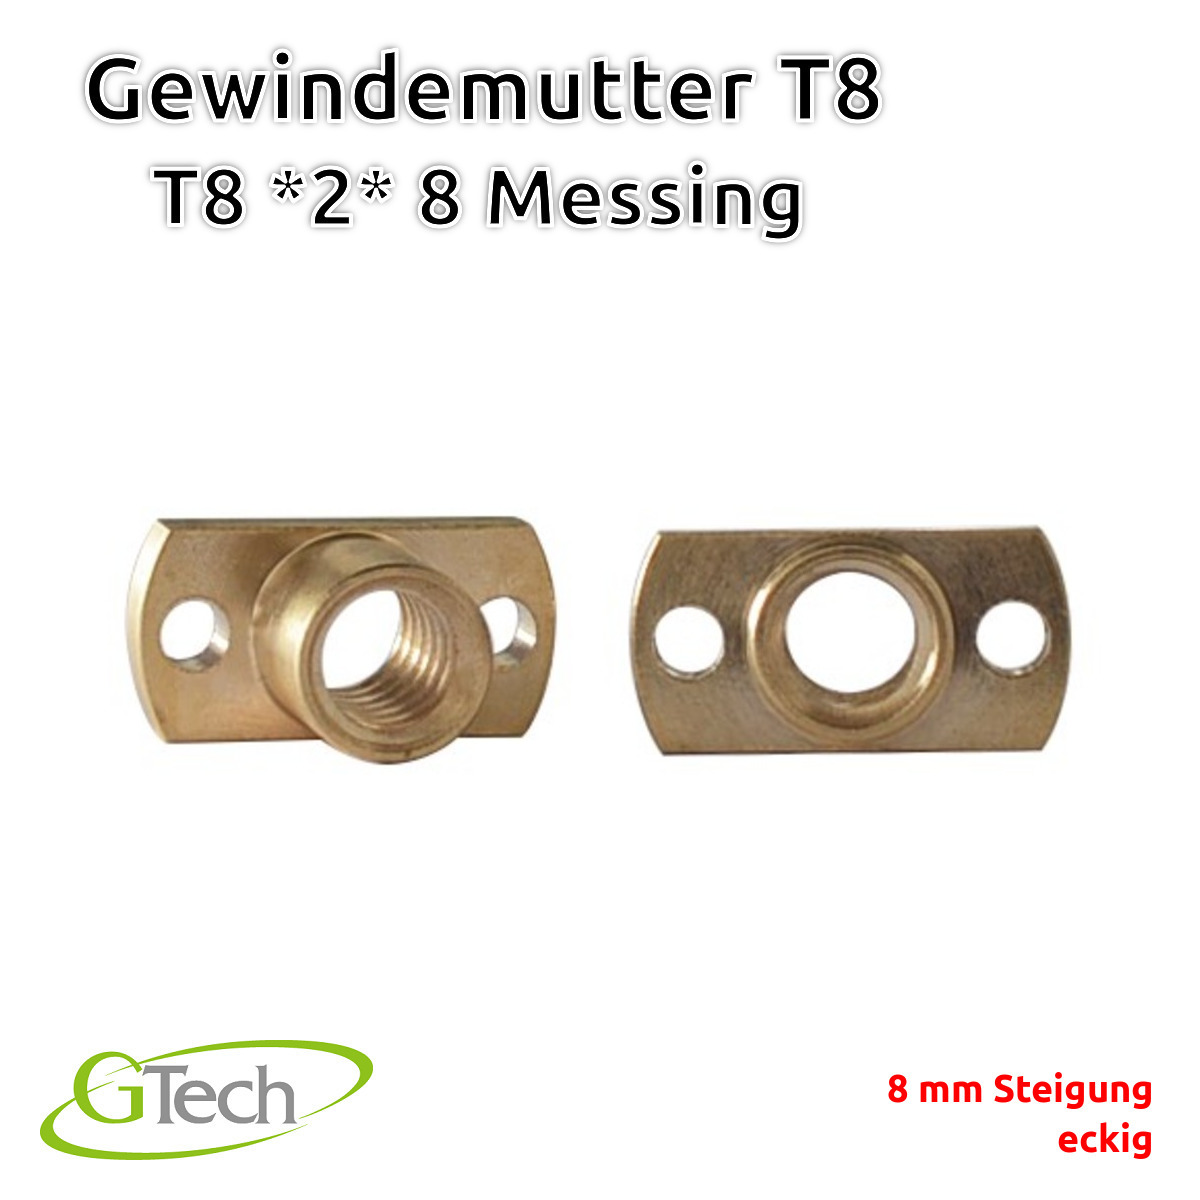 T8-Gewinde-Trapezgewinde-Gewindestange-Edelstahl-Z-Achse-CNC-3D-Druck Indexbild 61